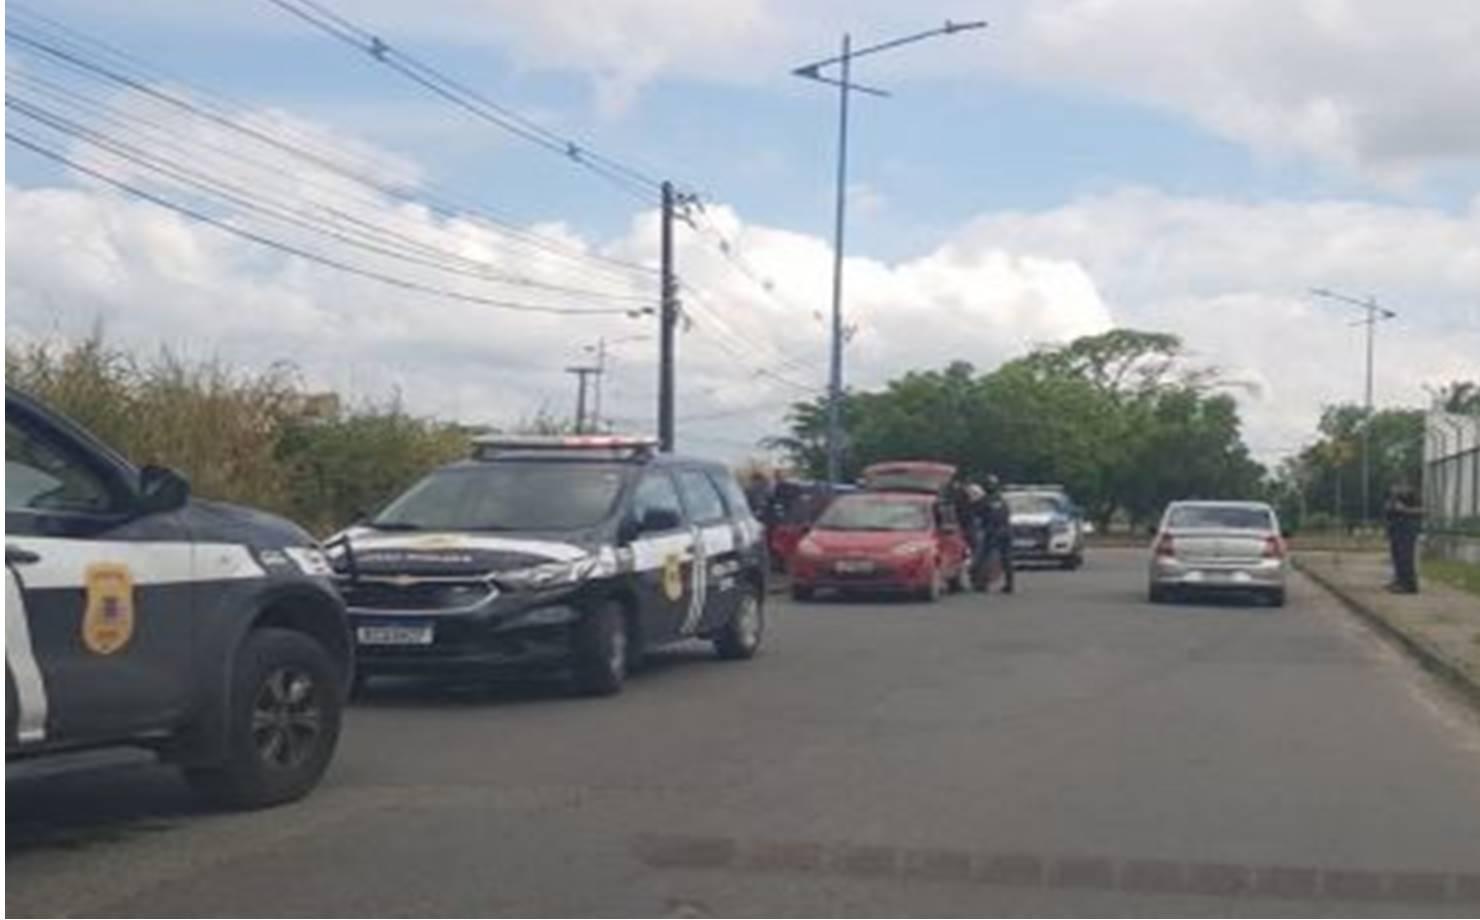 Corpo de suspeito de explosão em Simões Filho é encontrado dentro de veículo